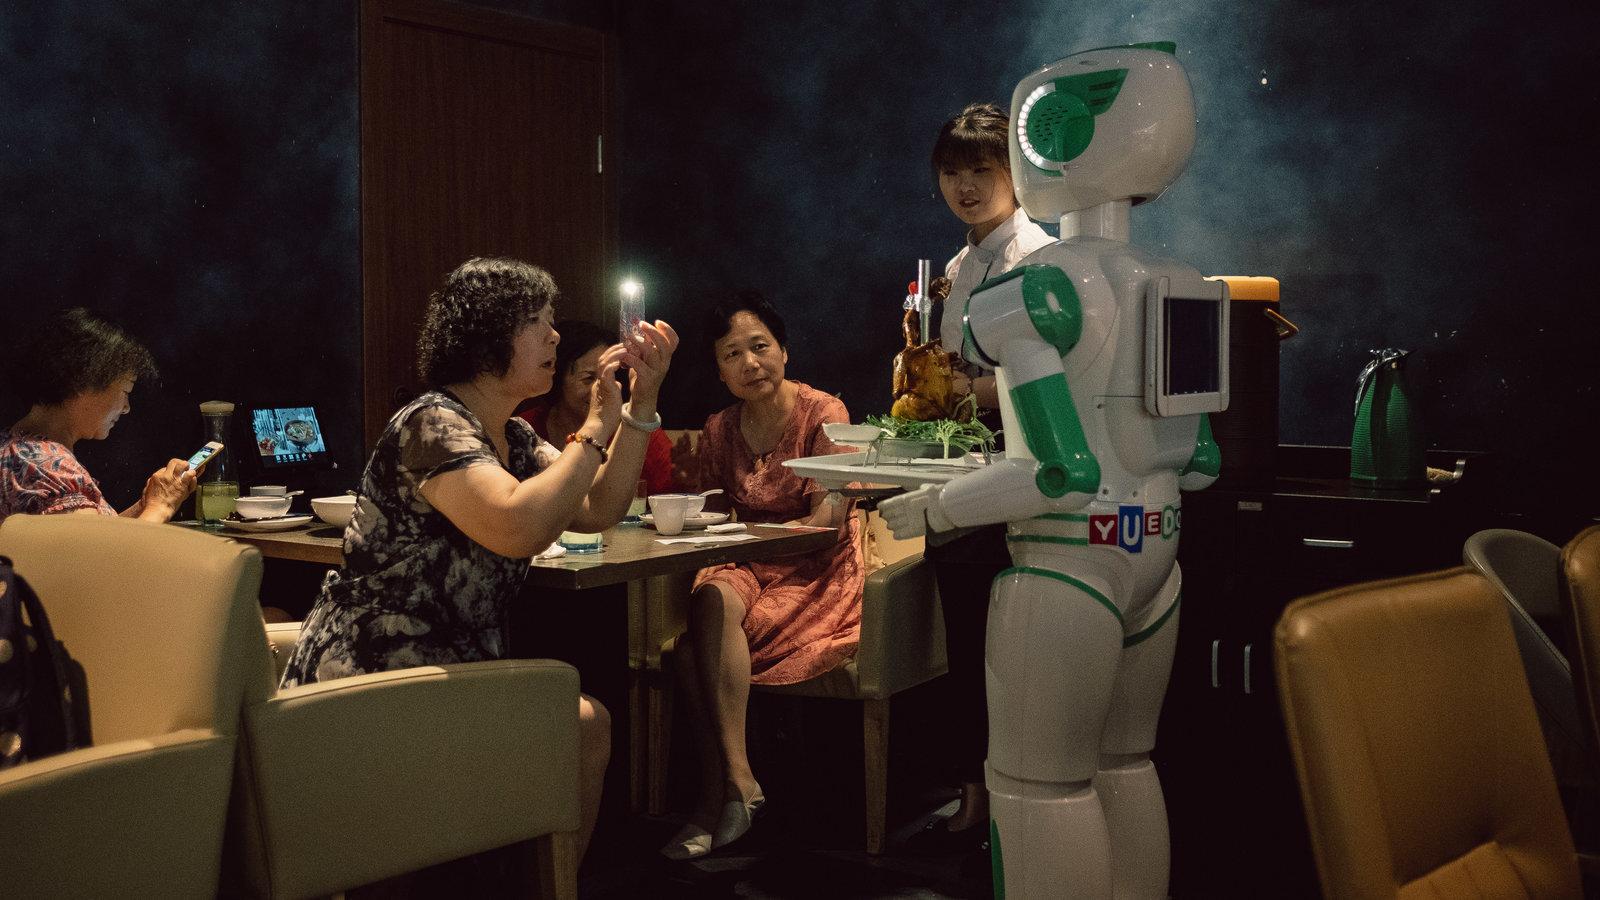 未来没来,但中国已成为机器人的试验场